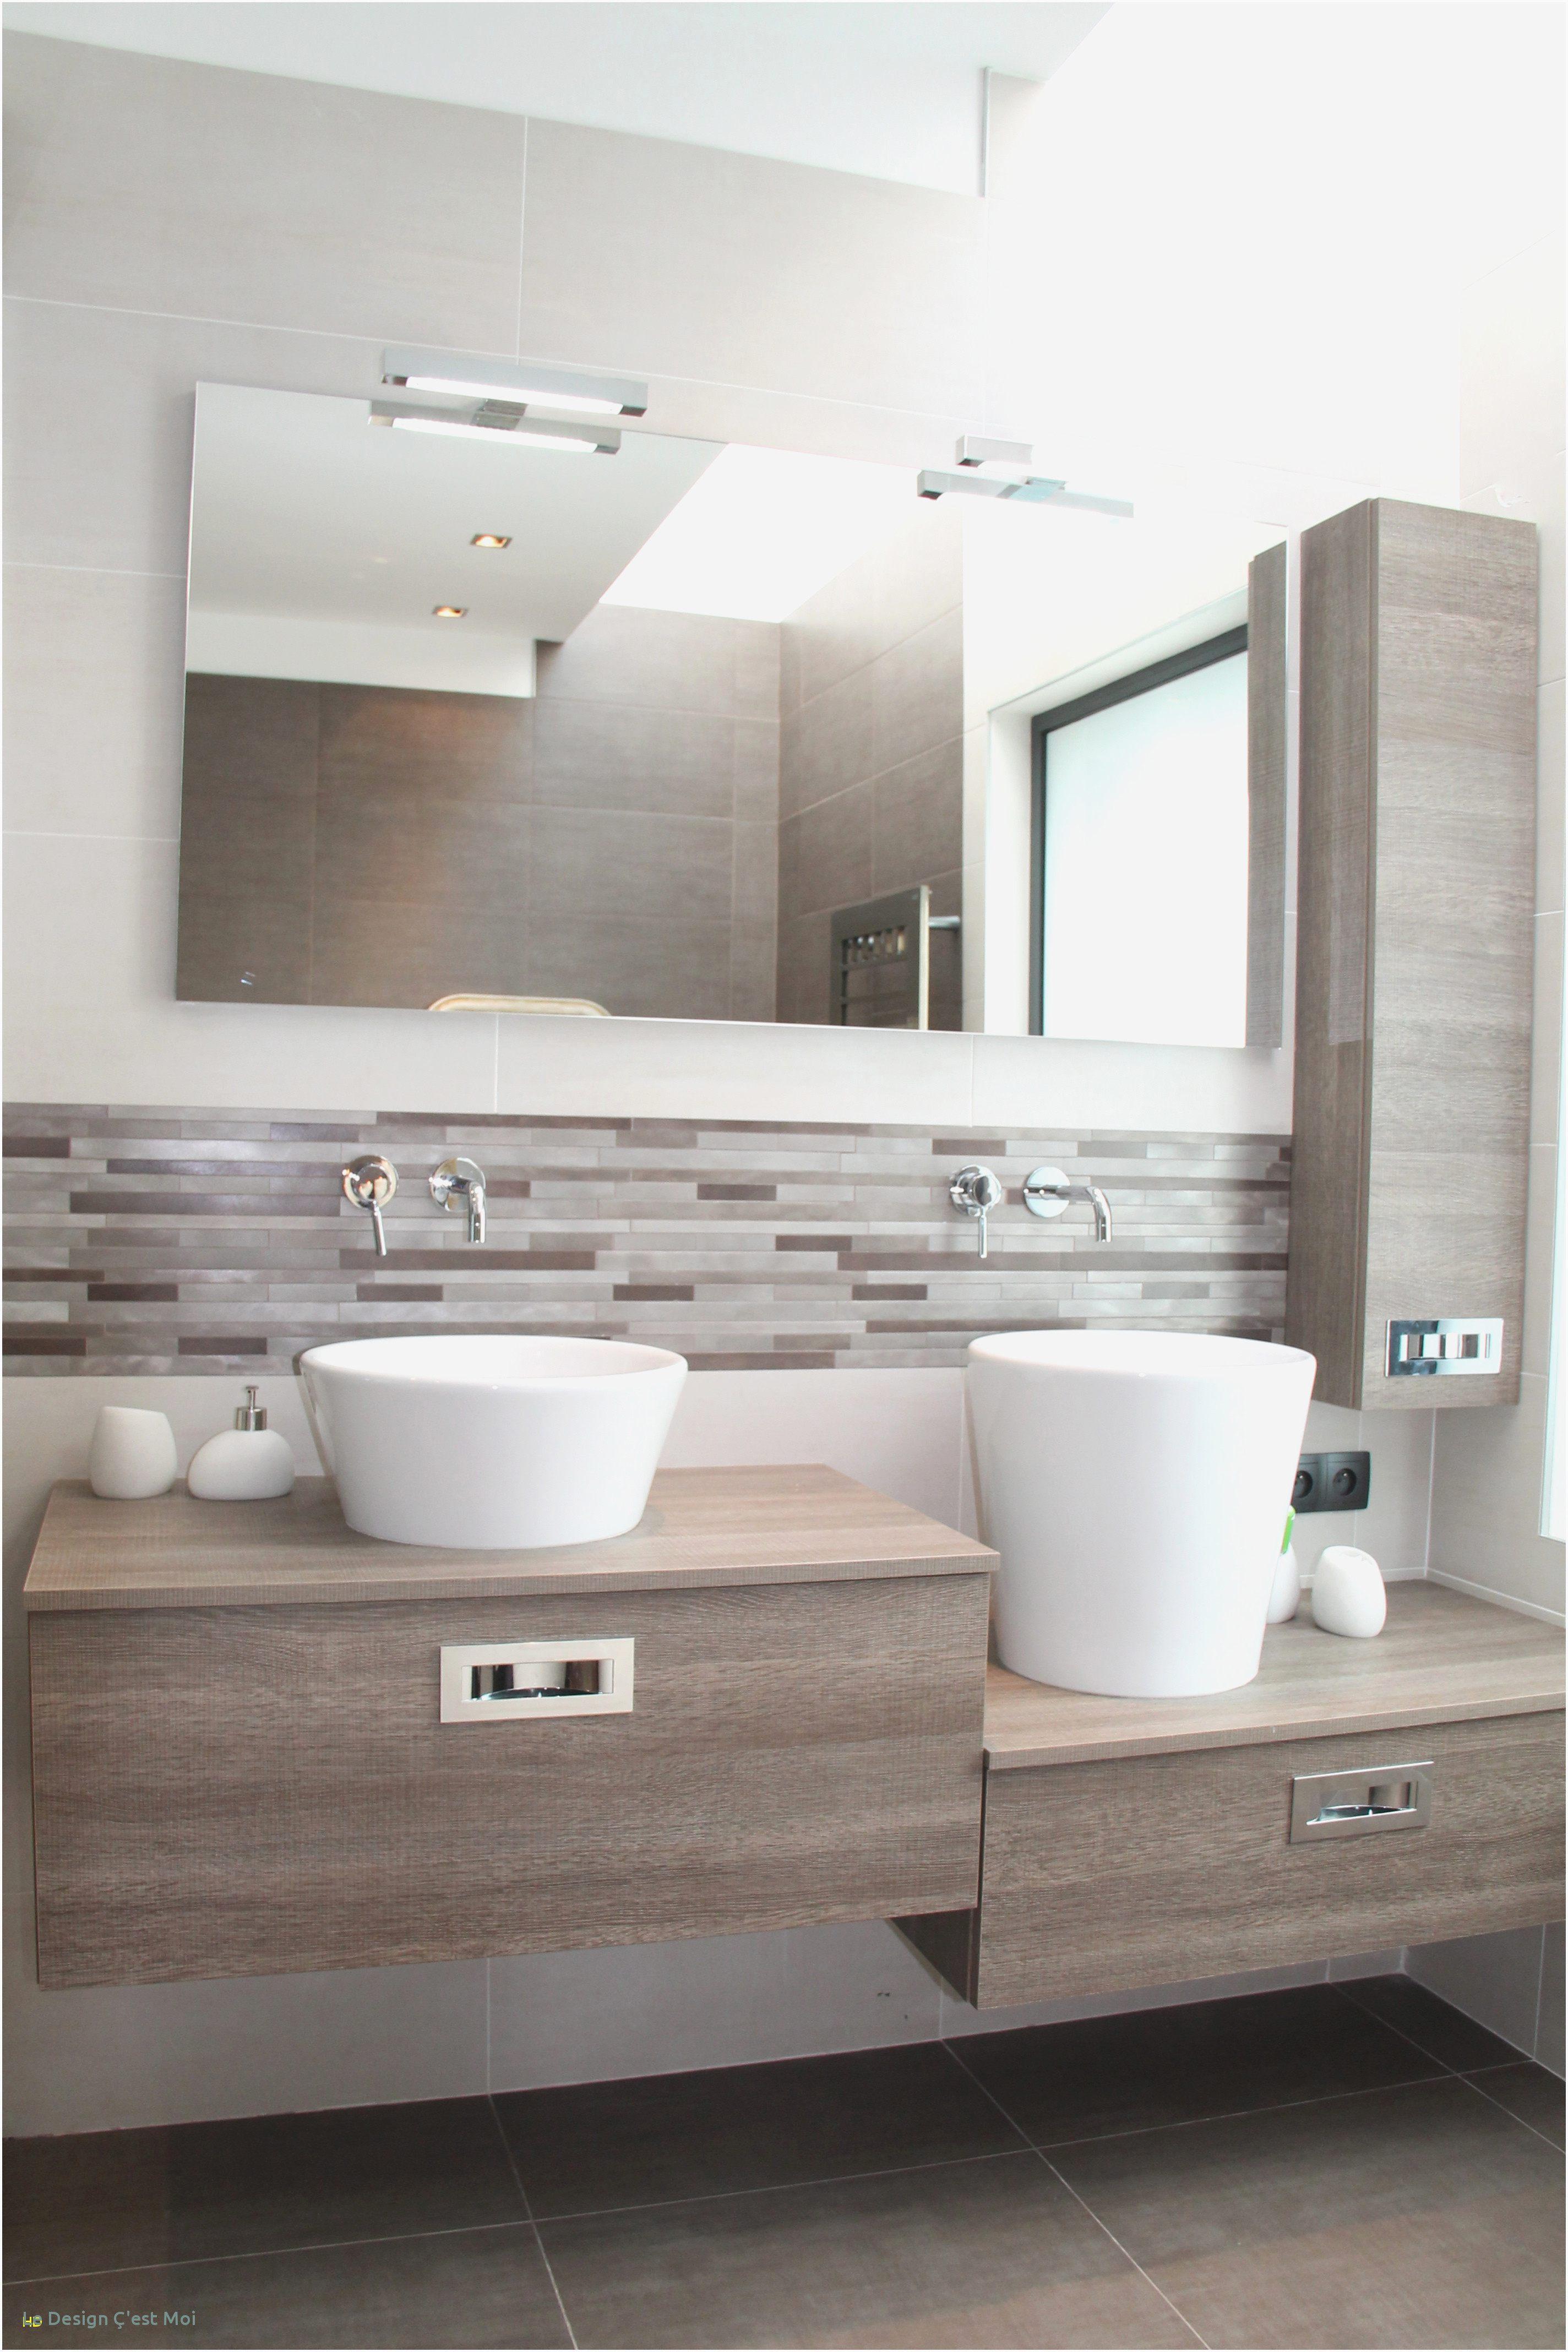 tete de lit miroir nouveau meilleur placard miroir salle de bain l gant lit. Black Bedroom Furniture Sets. Home Design Ideas